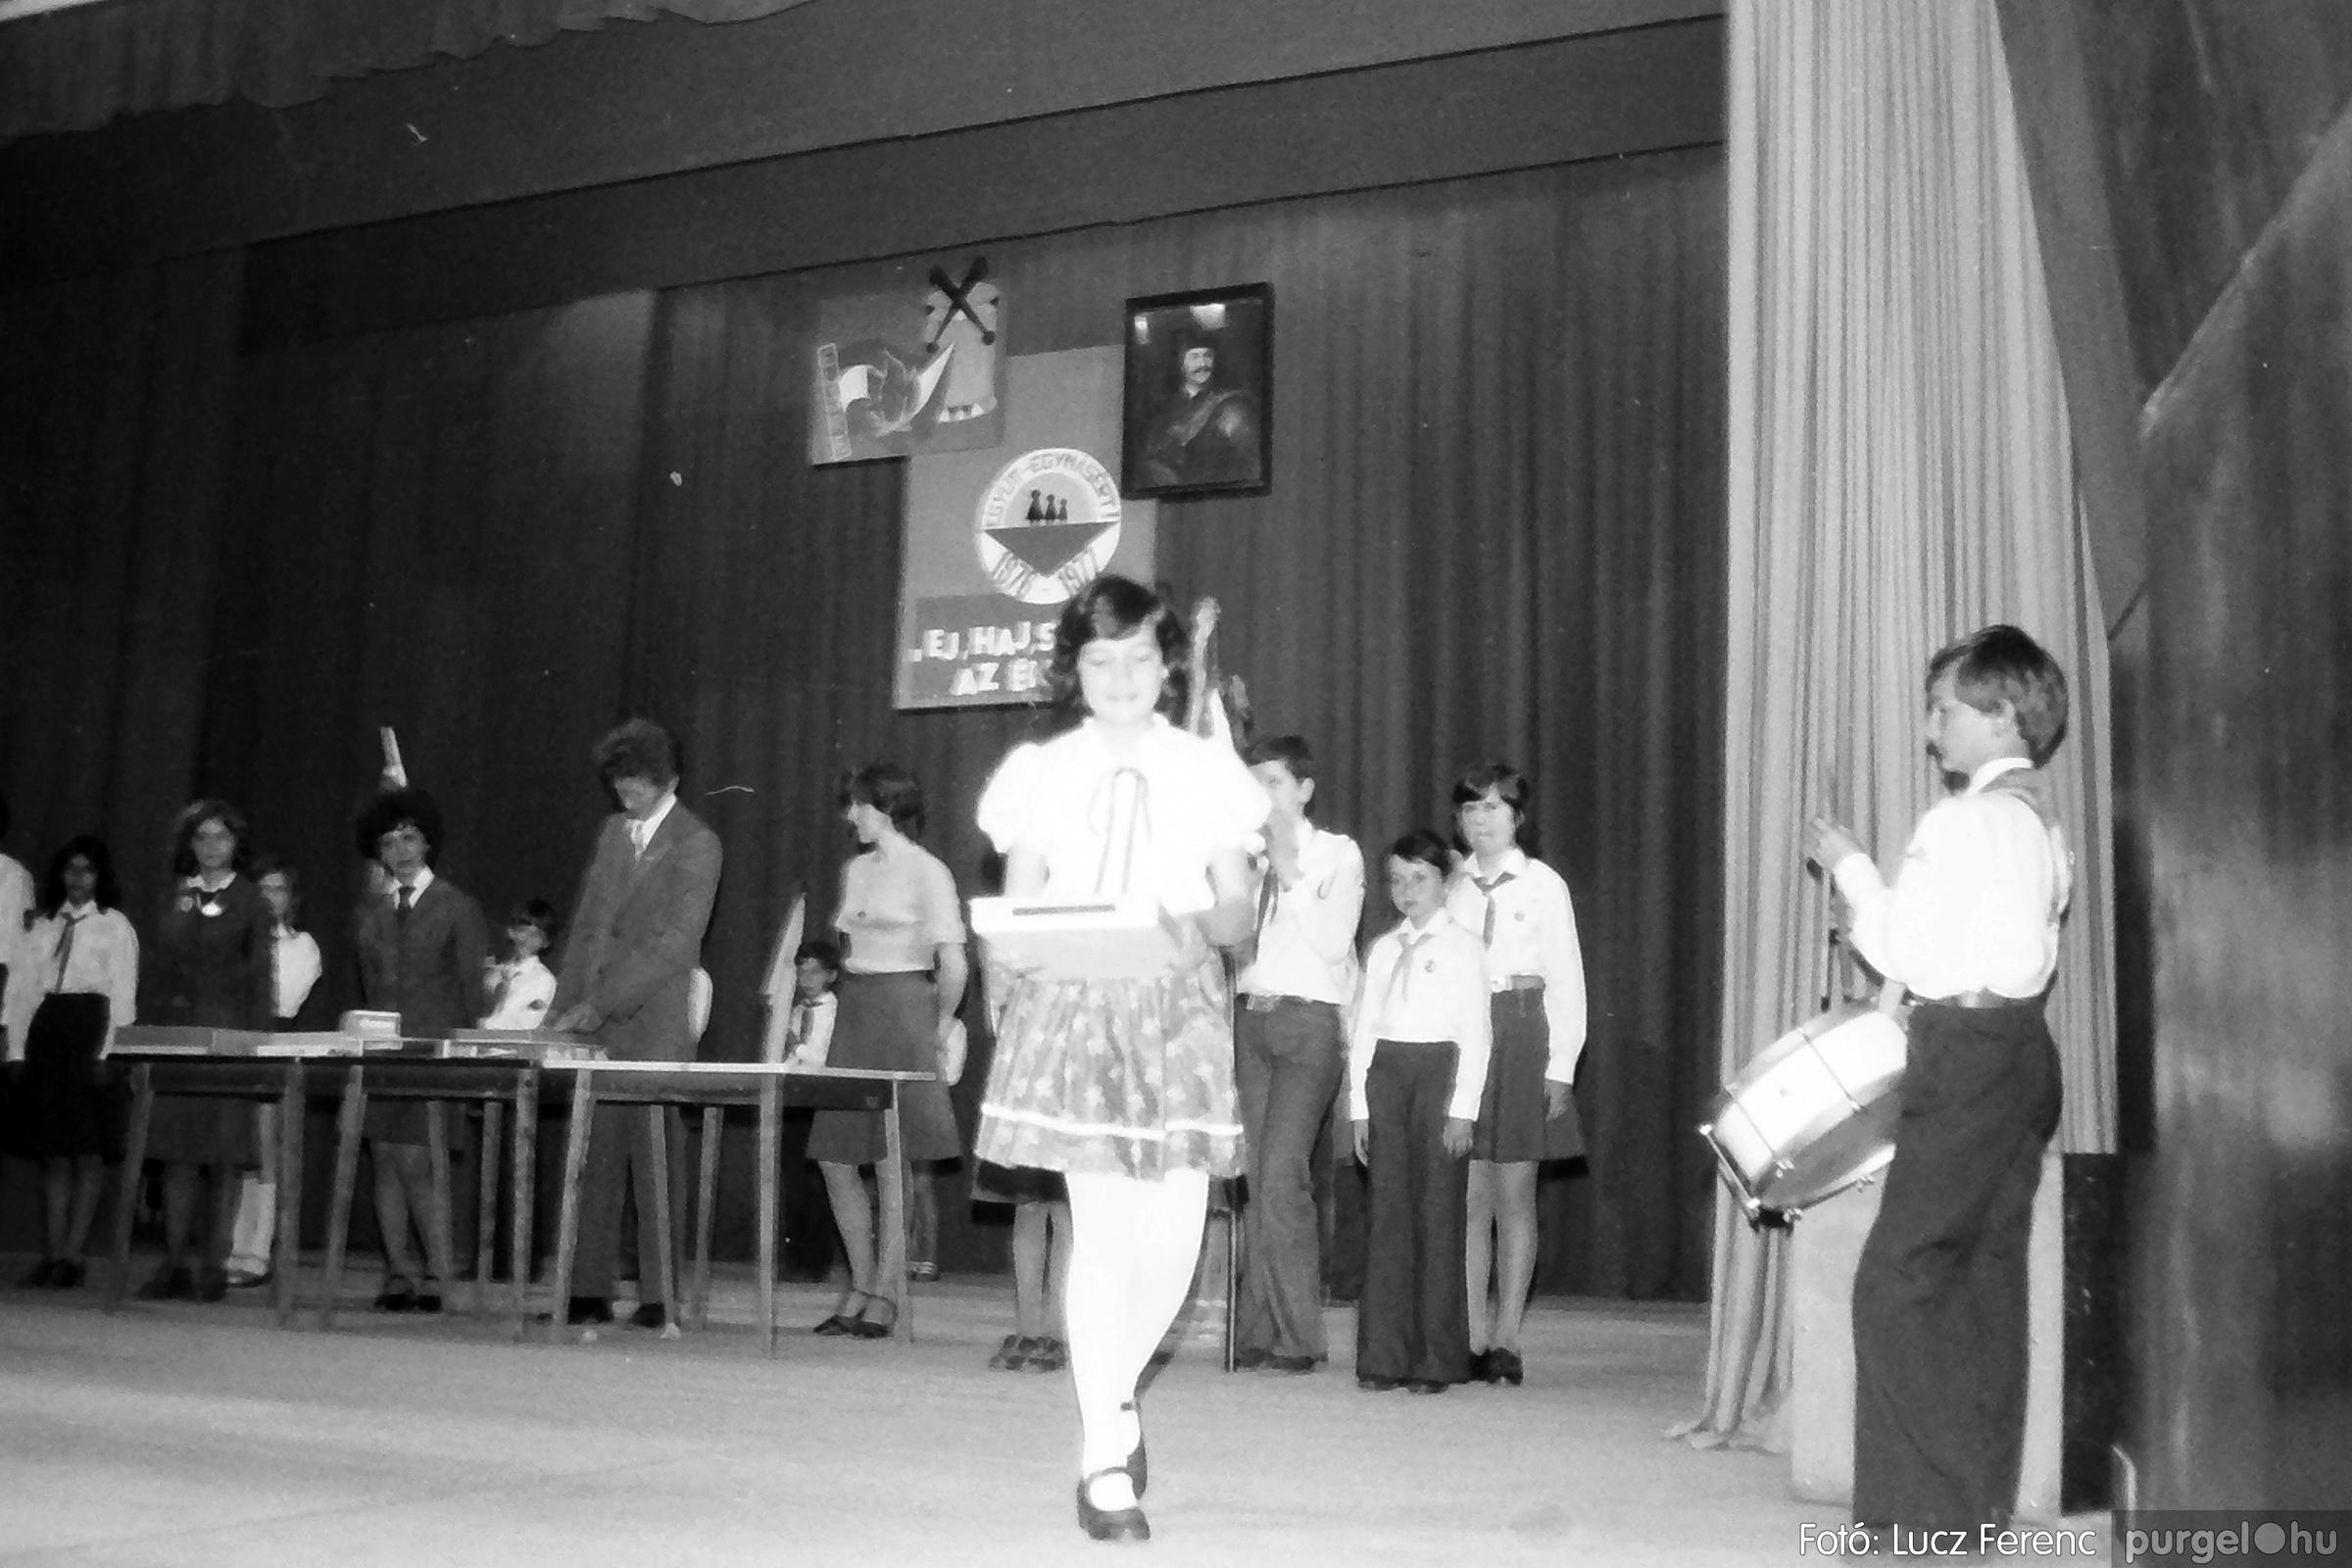 077. 1977. Kulturális seregszemle Mindszenten 012. - Fotó: Lucz Ferenc.jpg